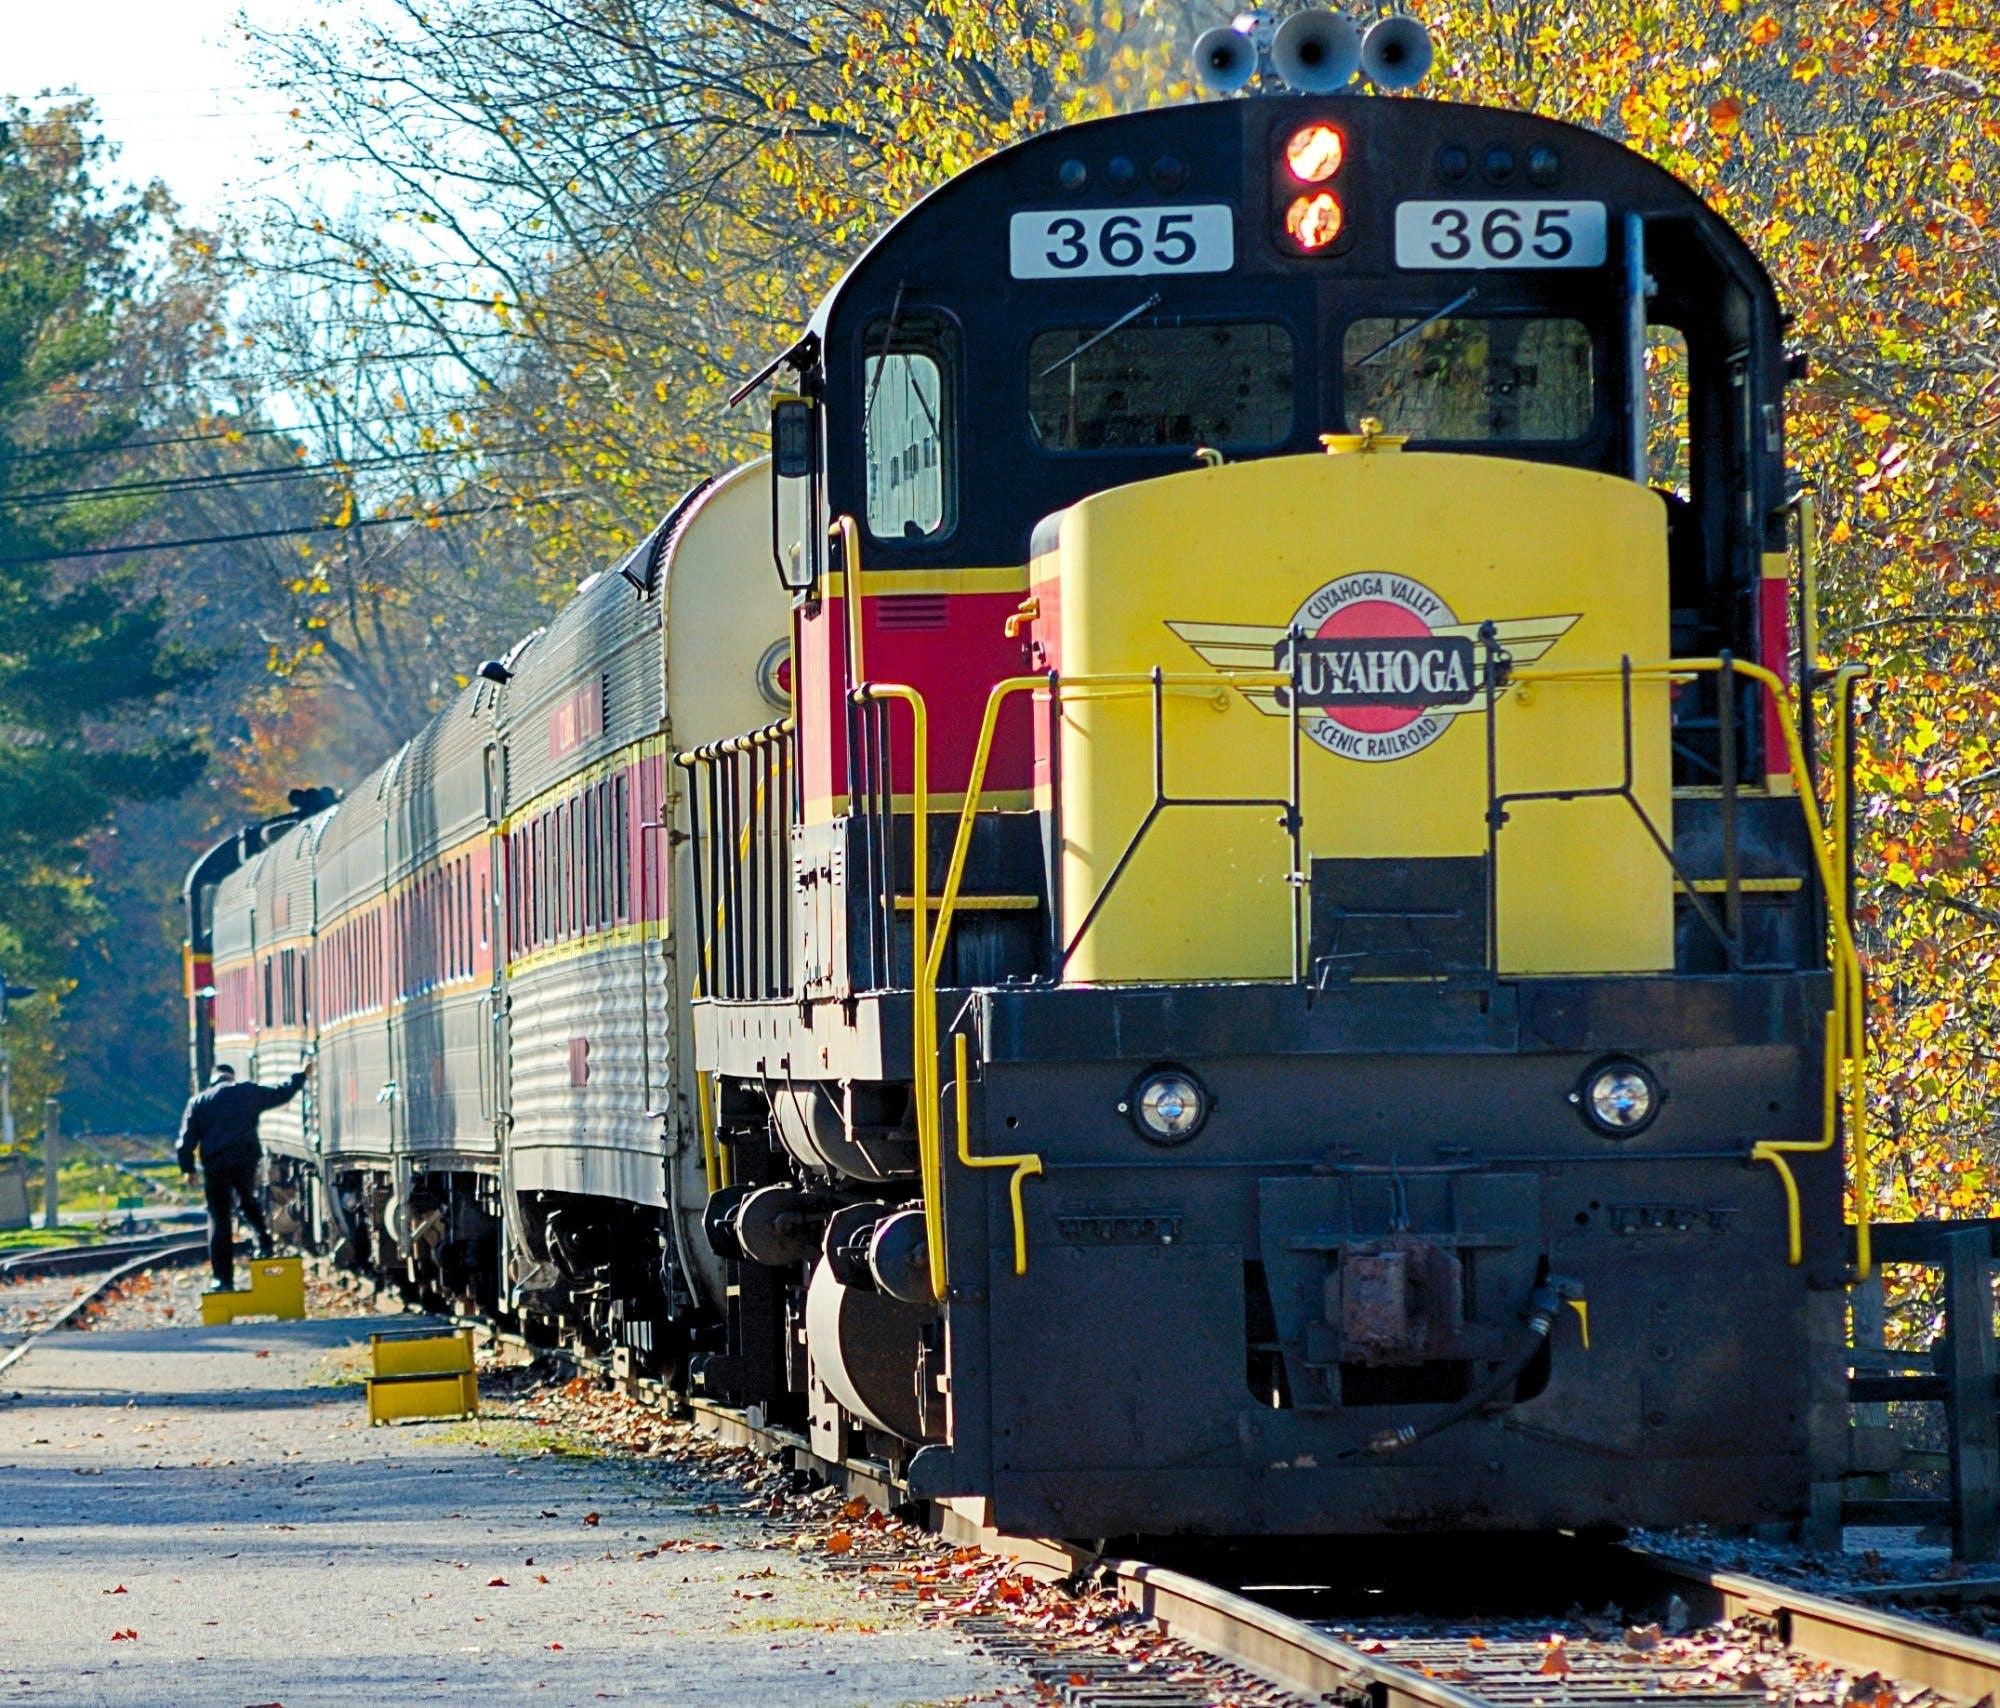 Kostnadsfri bild av fordon, järnväg, station, tåg